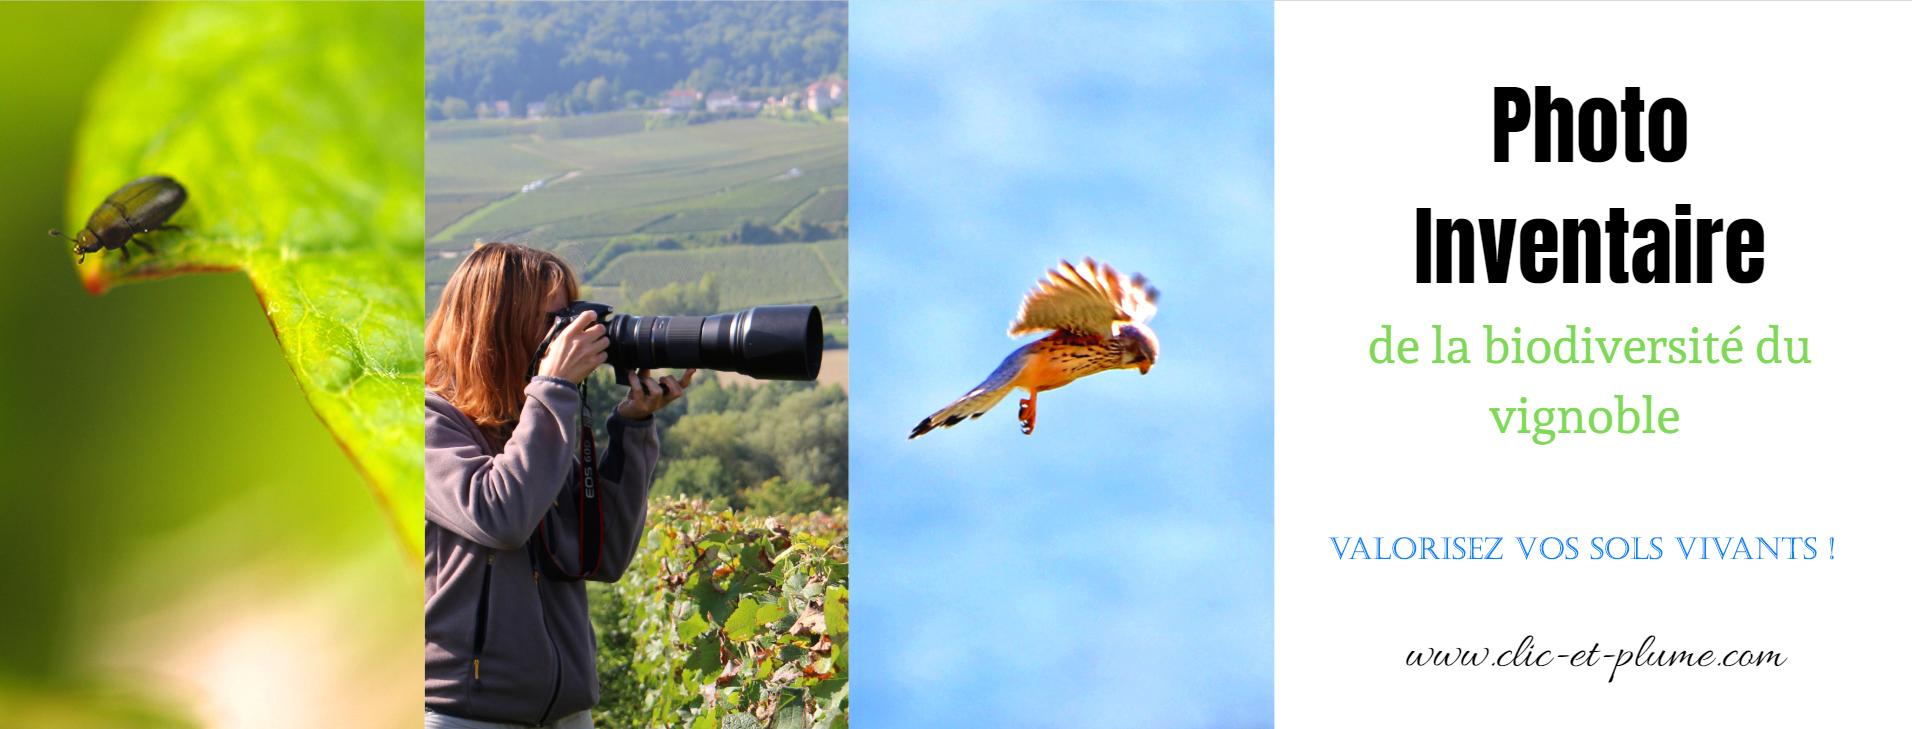 photo inventaire biodiversite carine charlier